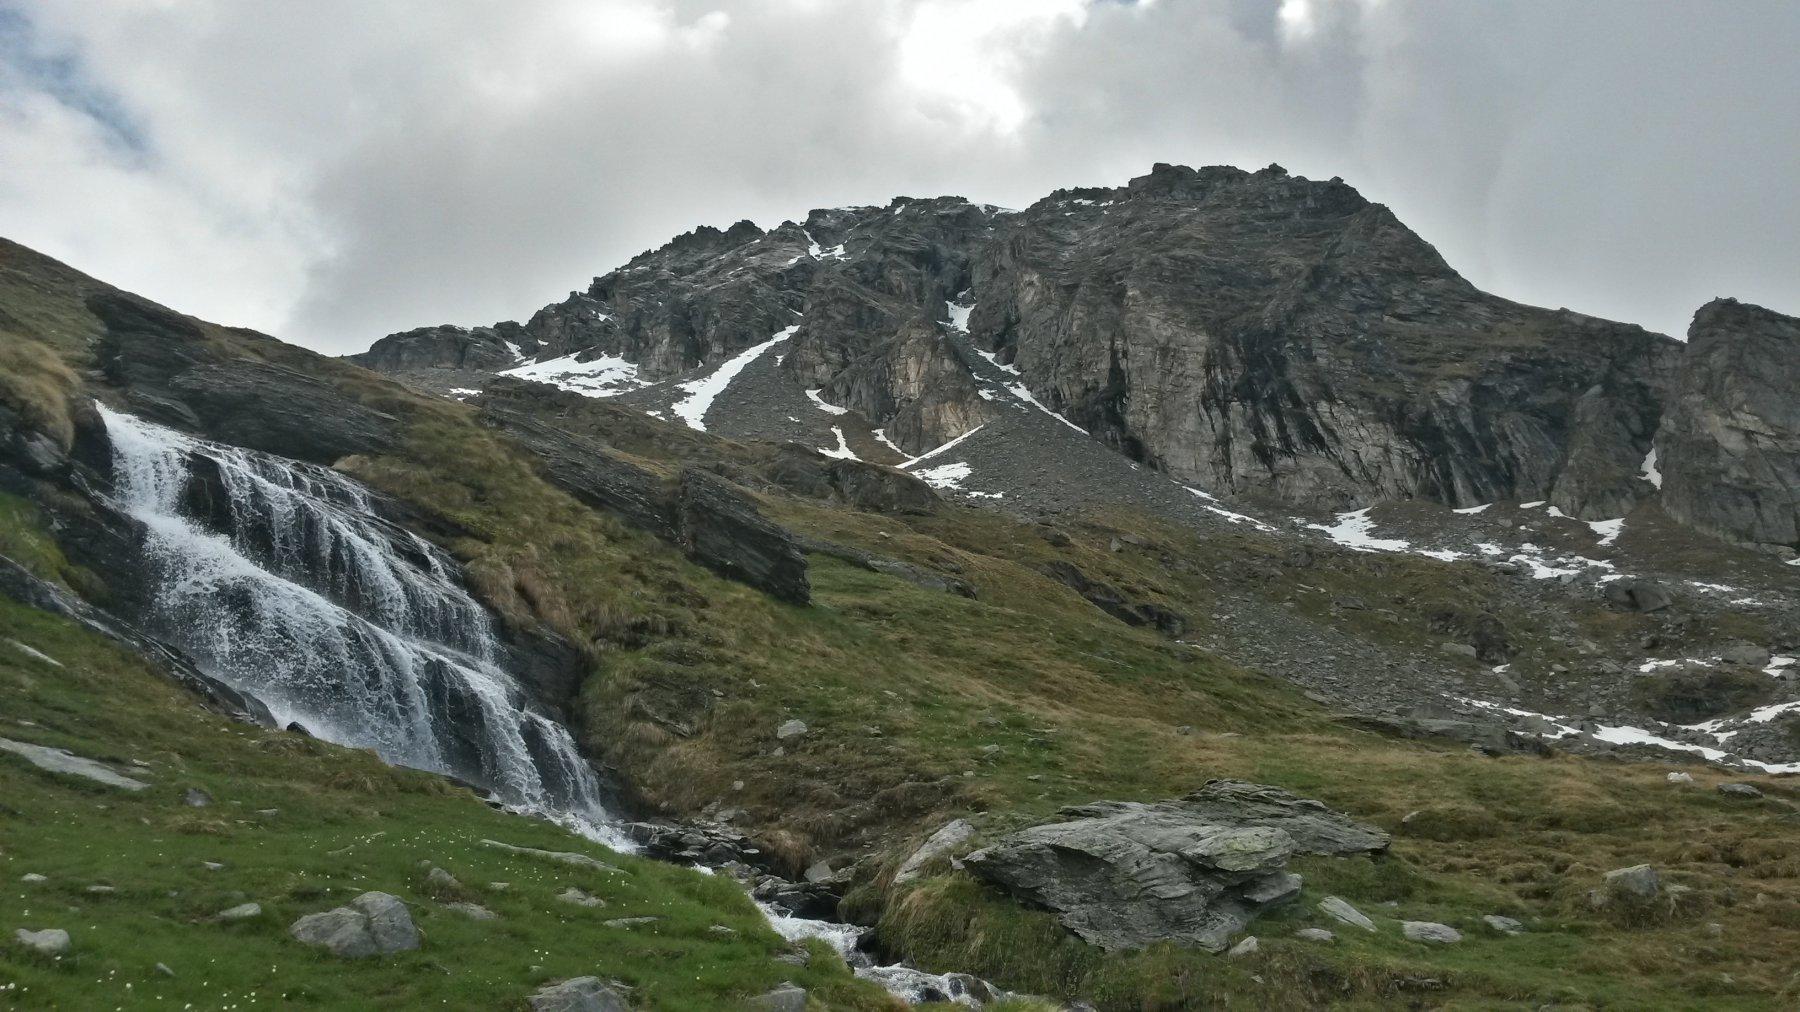 cascate e ruscelli ovunque, l'acqua non manca proprio